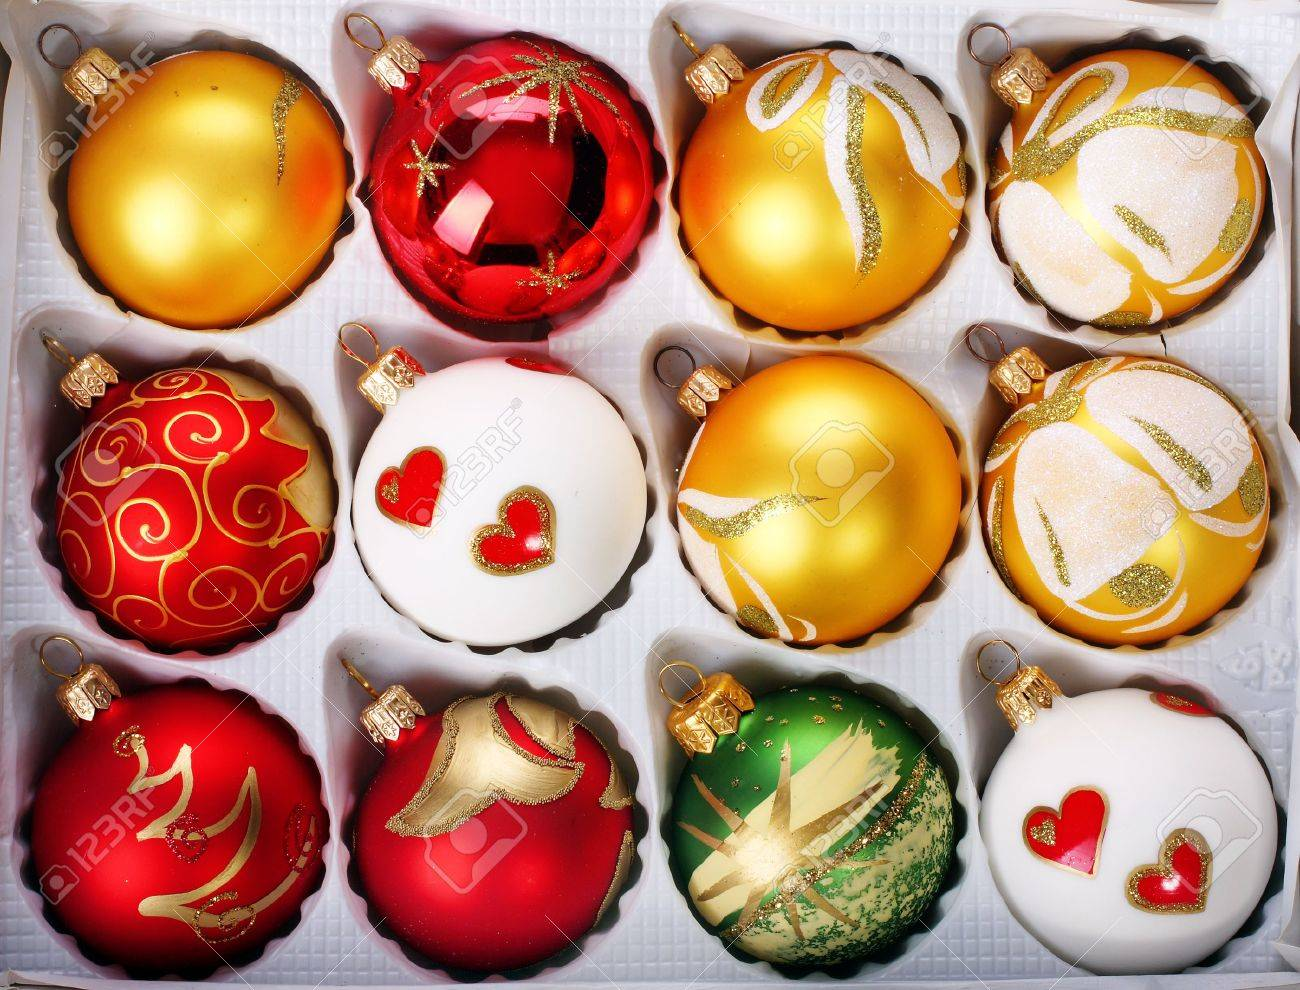 Polish glass ornaments - Stock Photo Delicate Polish Glass Christmas Ornaments